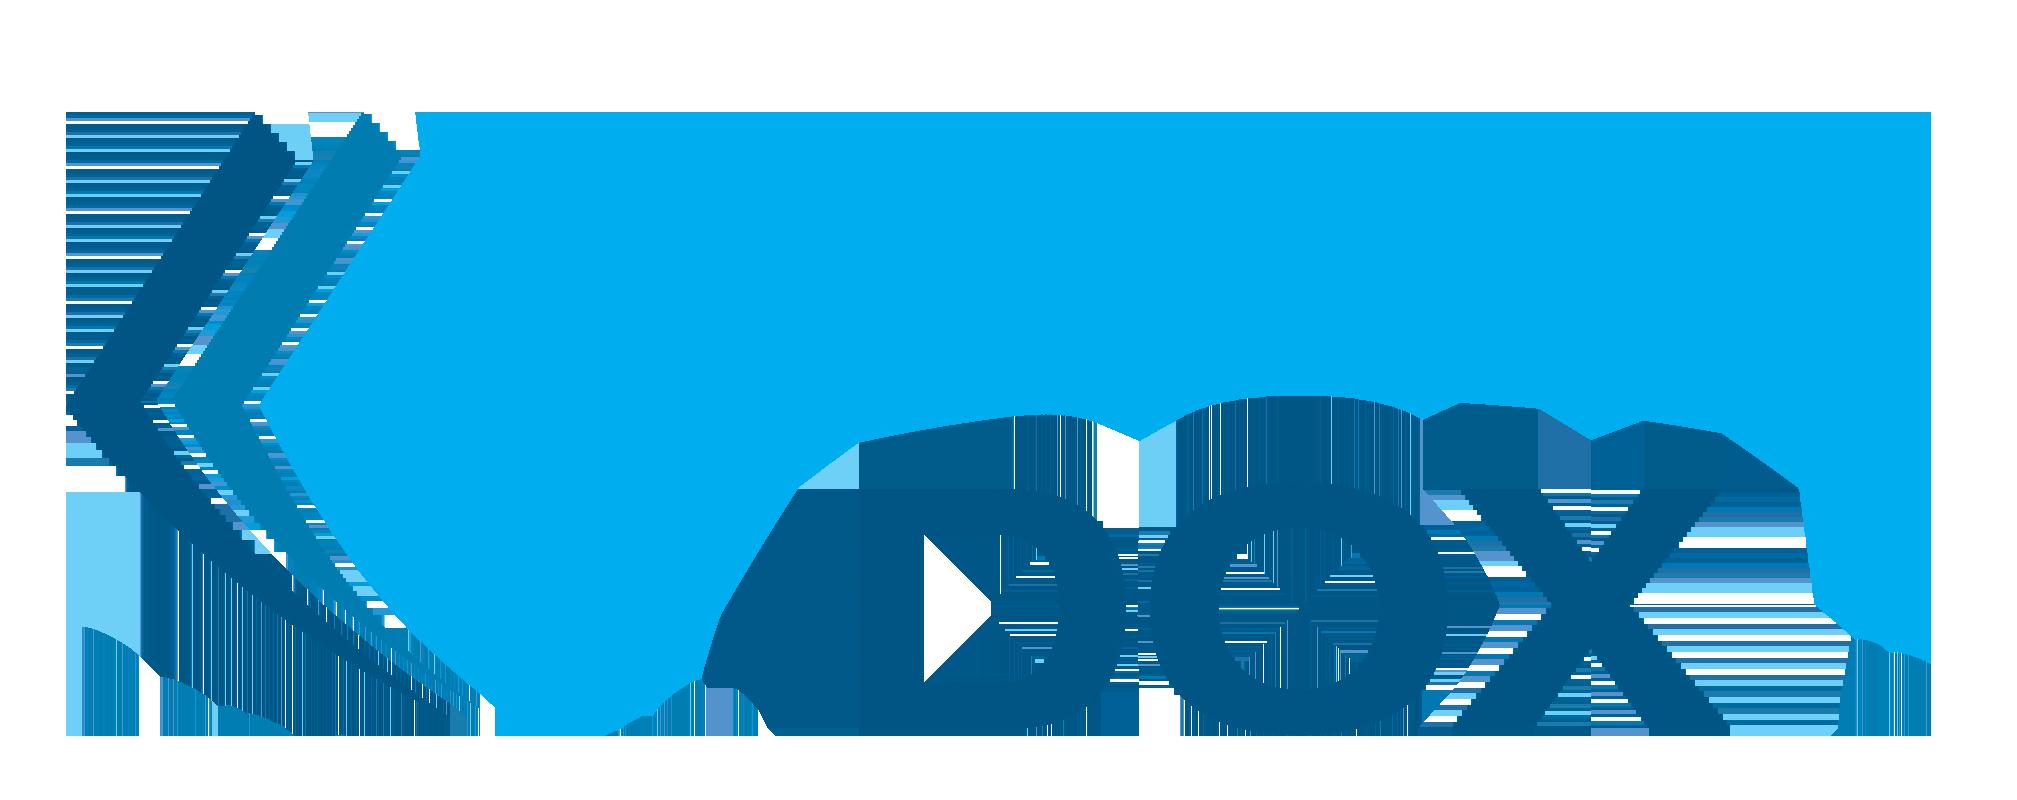 Arhive-dox.ro